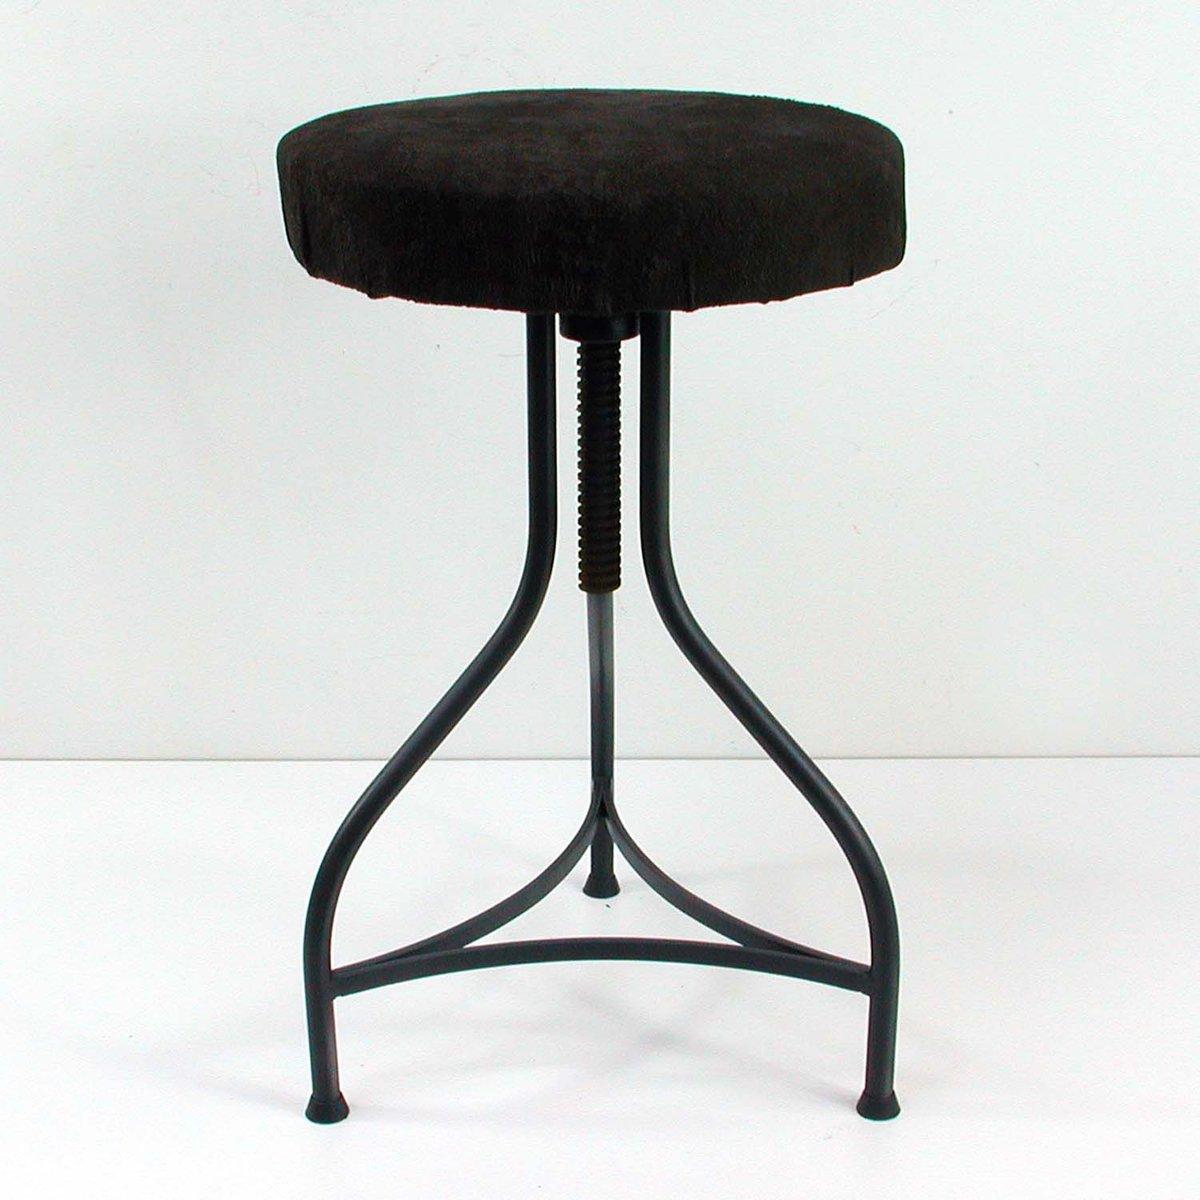 tabouret industriel avec cuir de cerf 1950s en vente sur pamono. Black Bedroom Furniture Sets. Home Design Ideas